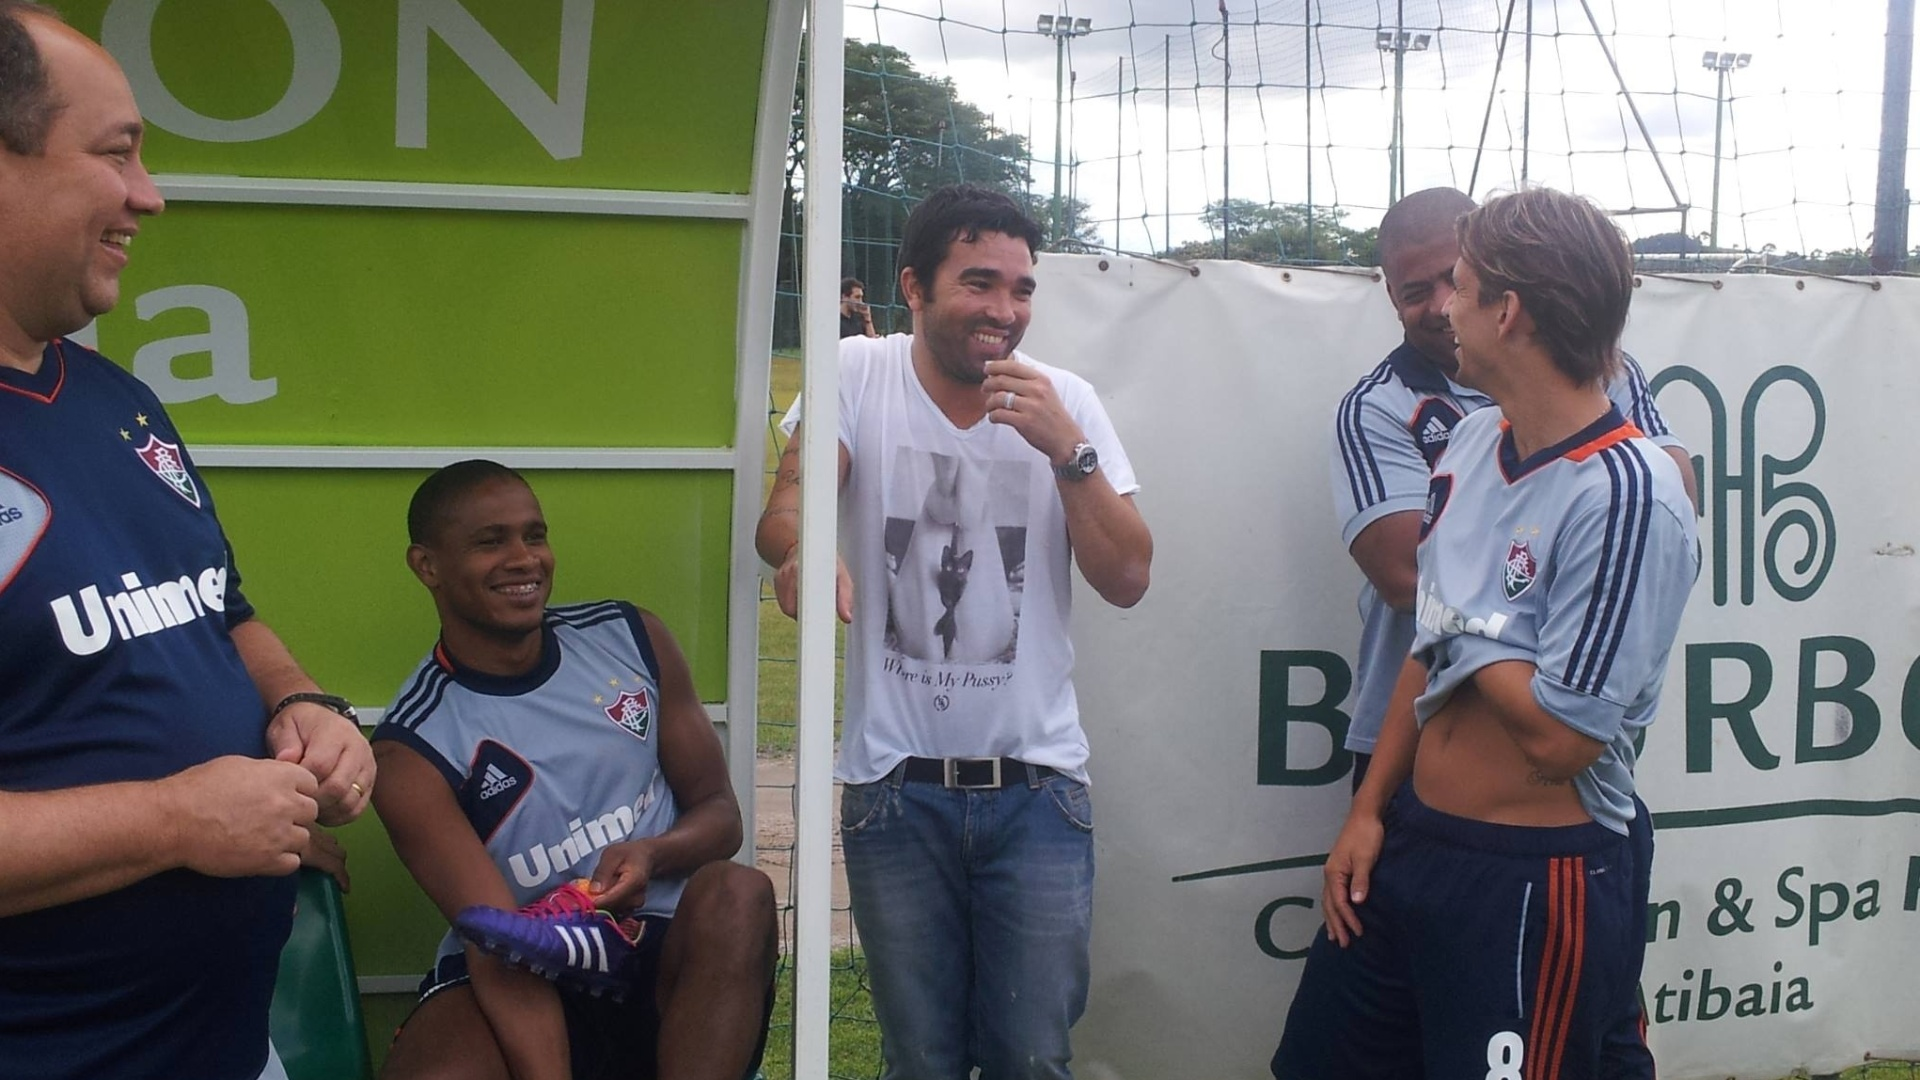 Deco conversa com jogadores do Fluminense durante visita a treinamento do time em Atibaia-SP